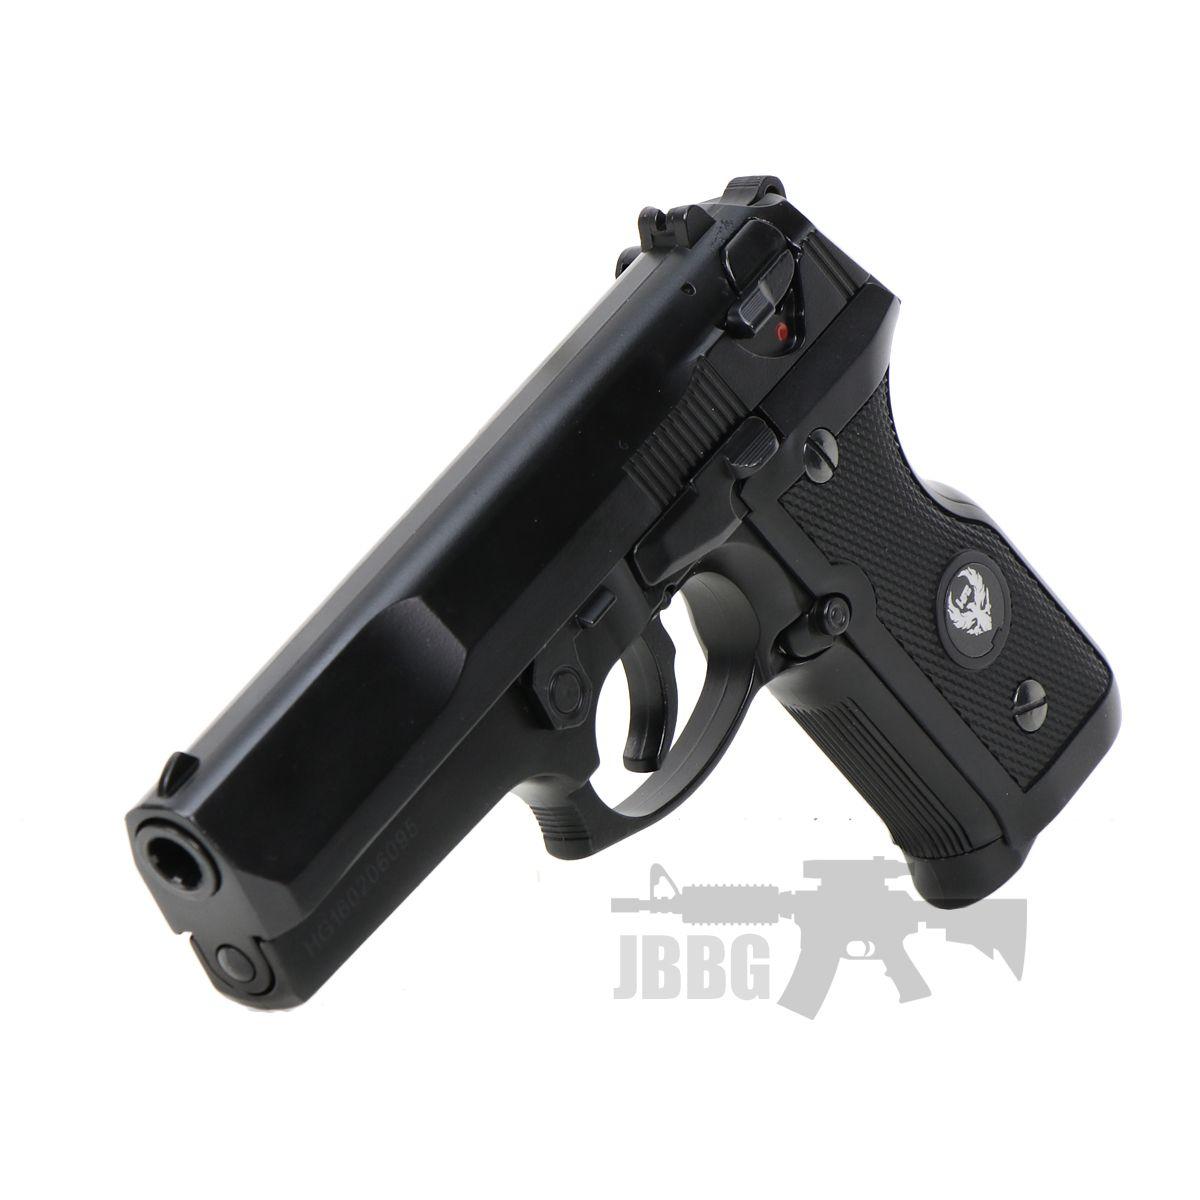 hg160 semi auto airsoft pistol 3